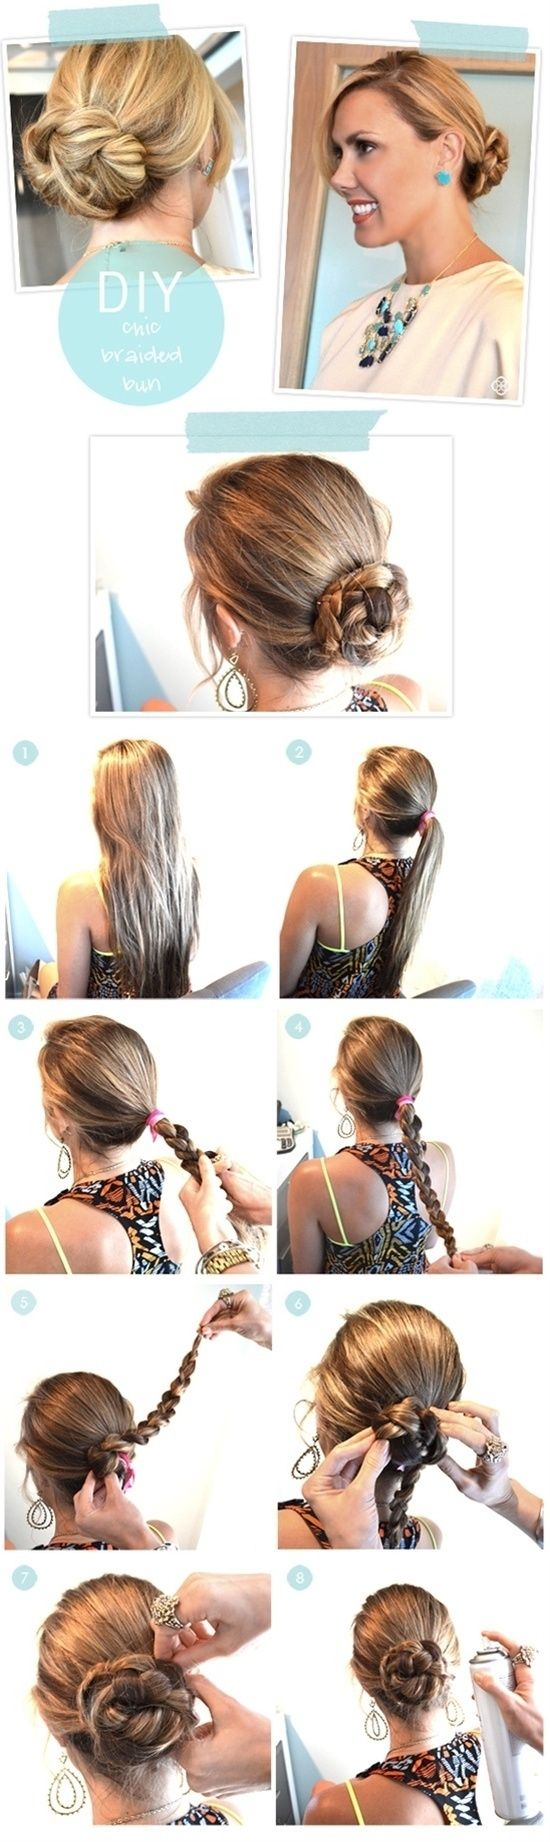 DIY Chic Braided Bun diy diy ideas easy diy diy beauty diy hair diy fashion beauty diy diy bun diy style diy hair style diy updo